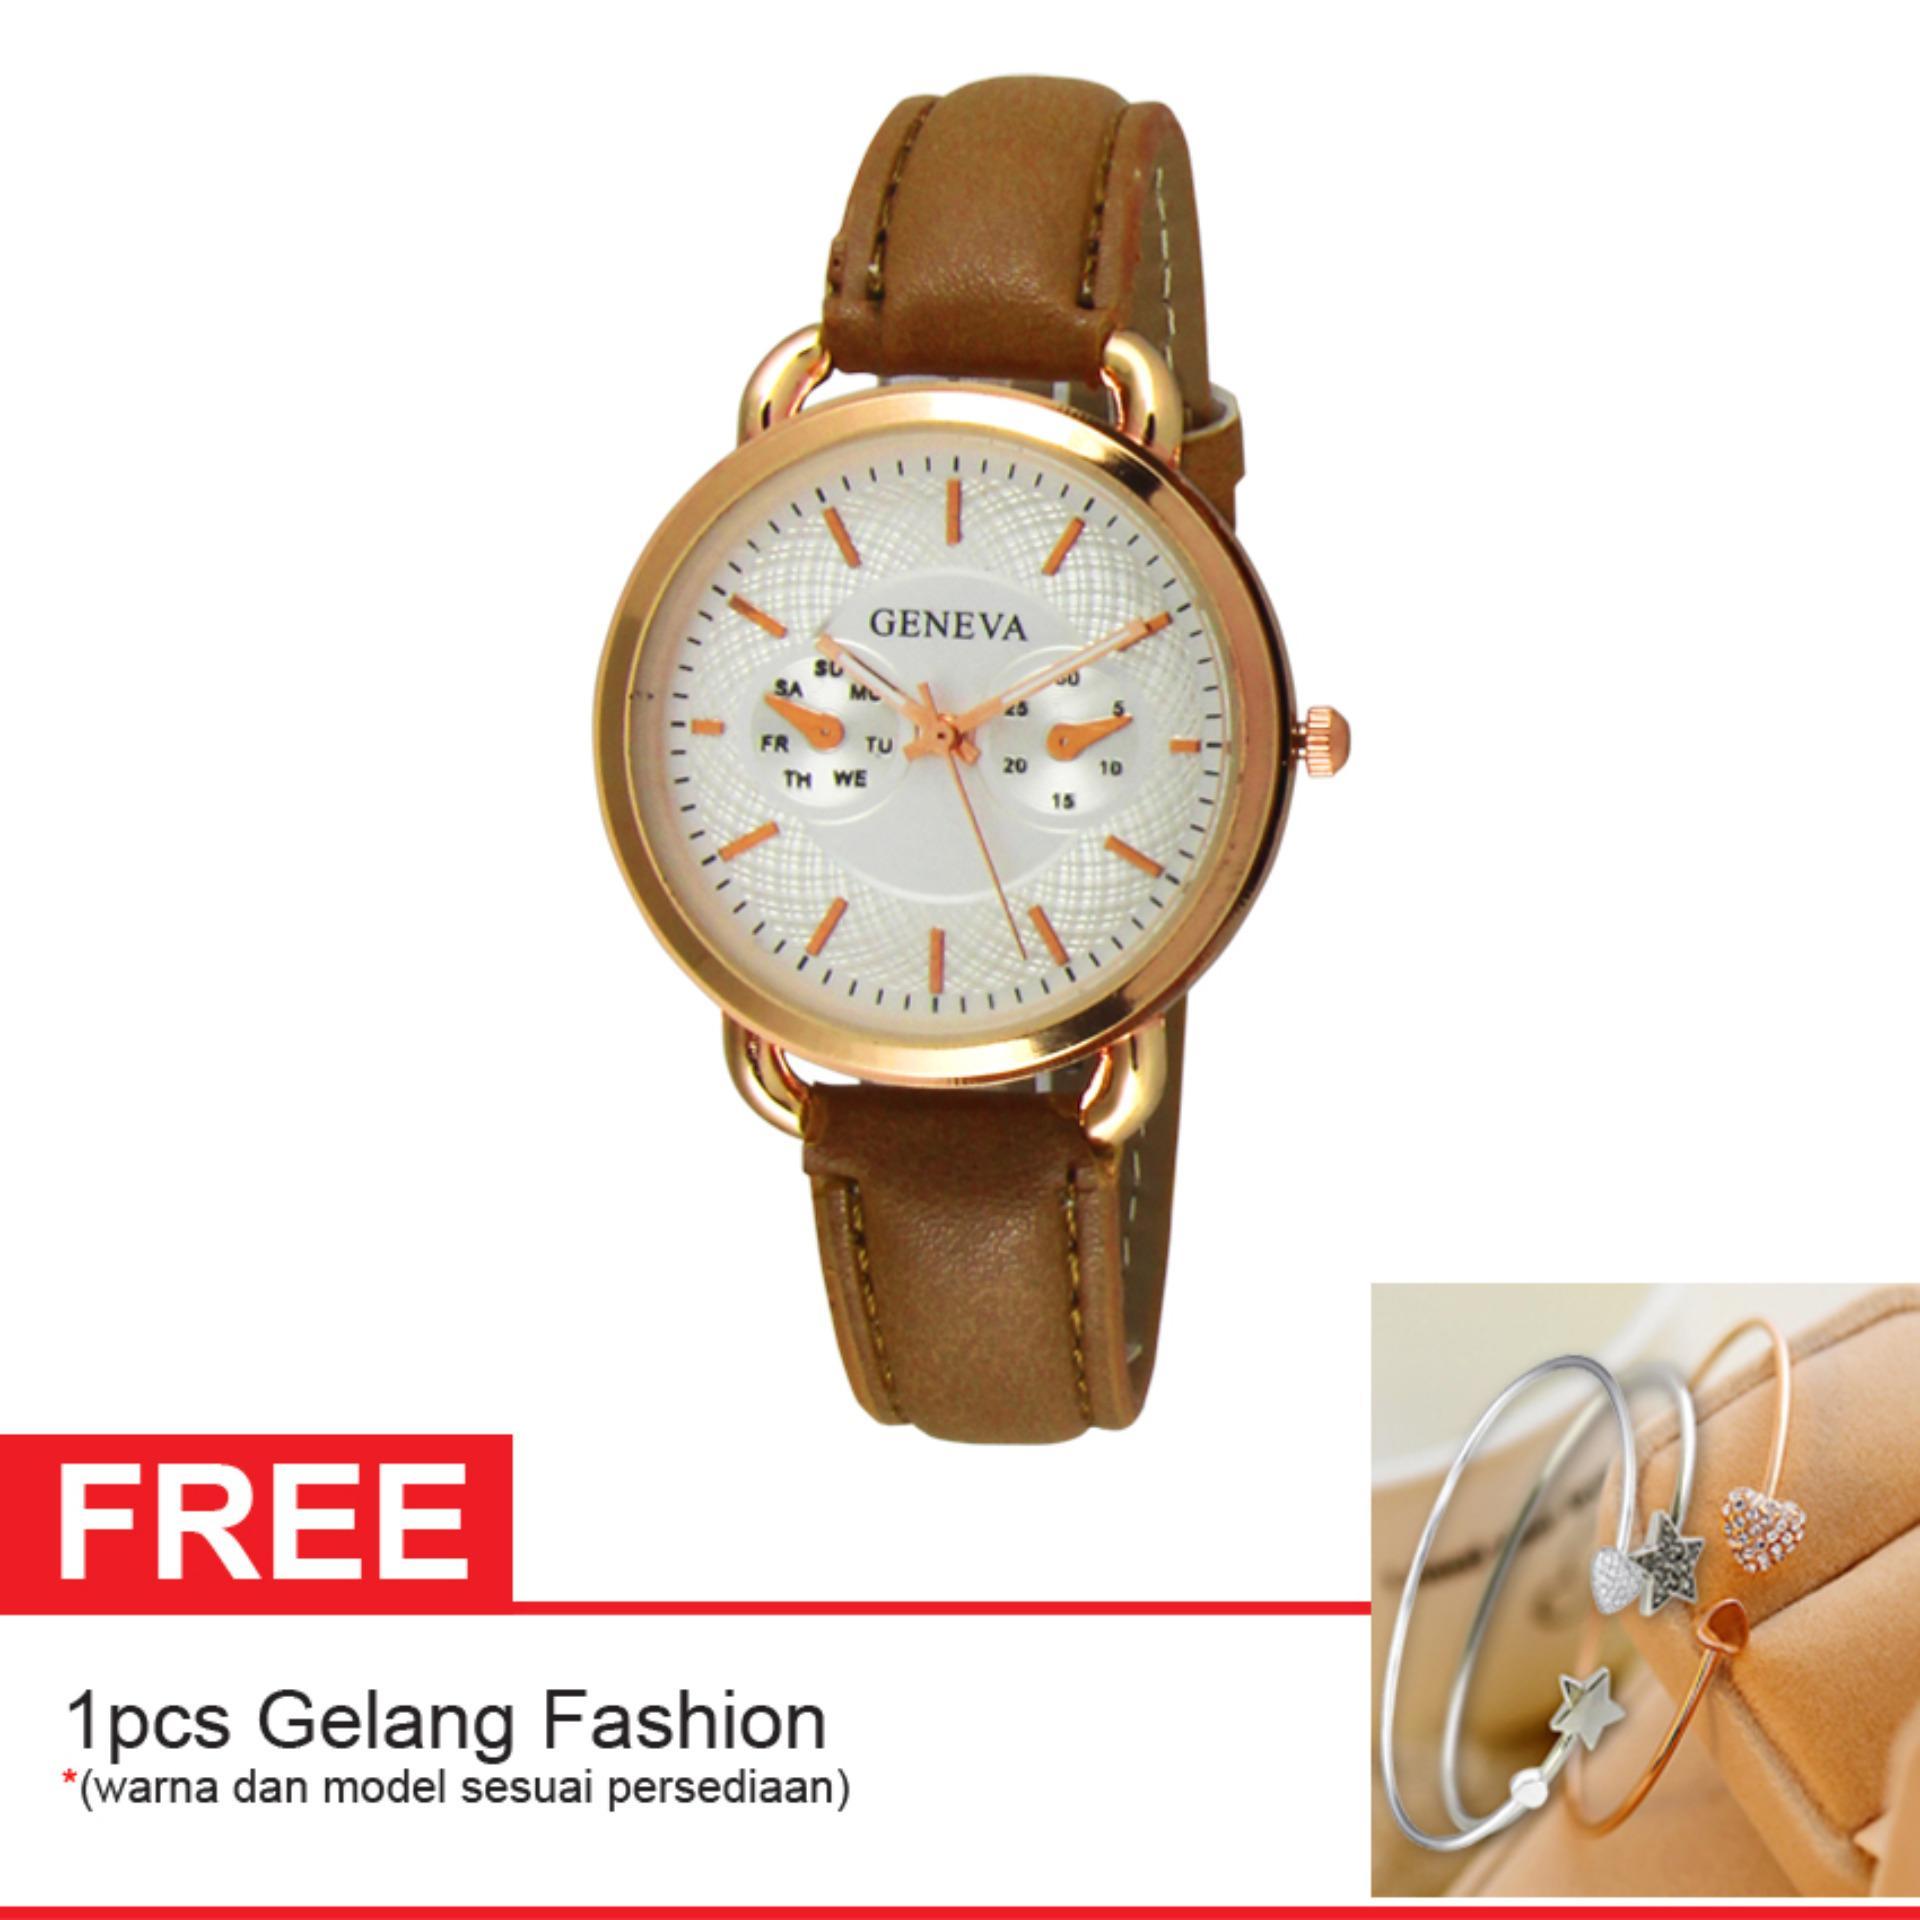 FREE 1 PCS GELANG CANTIK - Geneva Ladies Fashion Watch GNV 1675free - Jam Tangan Fashion Wanita - Kulit - Korean Style